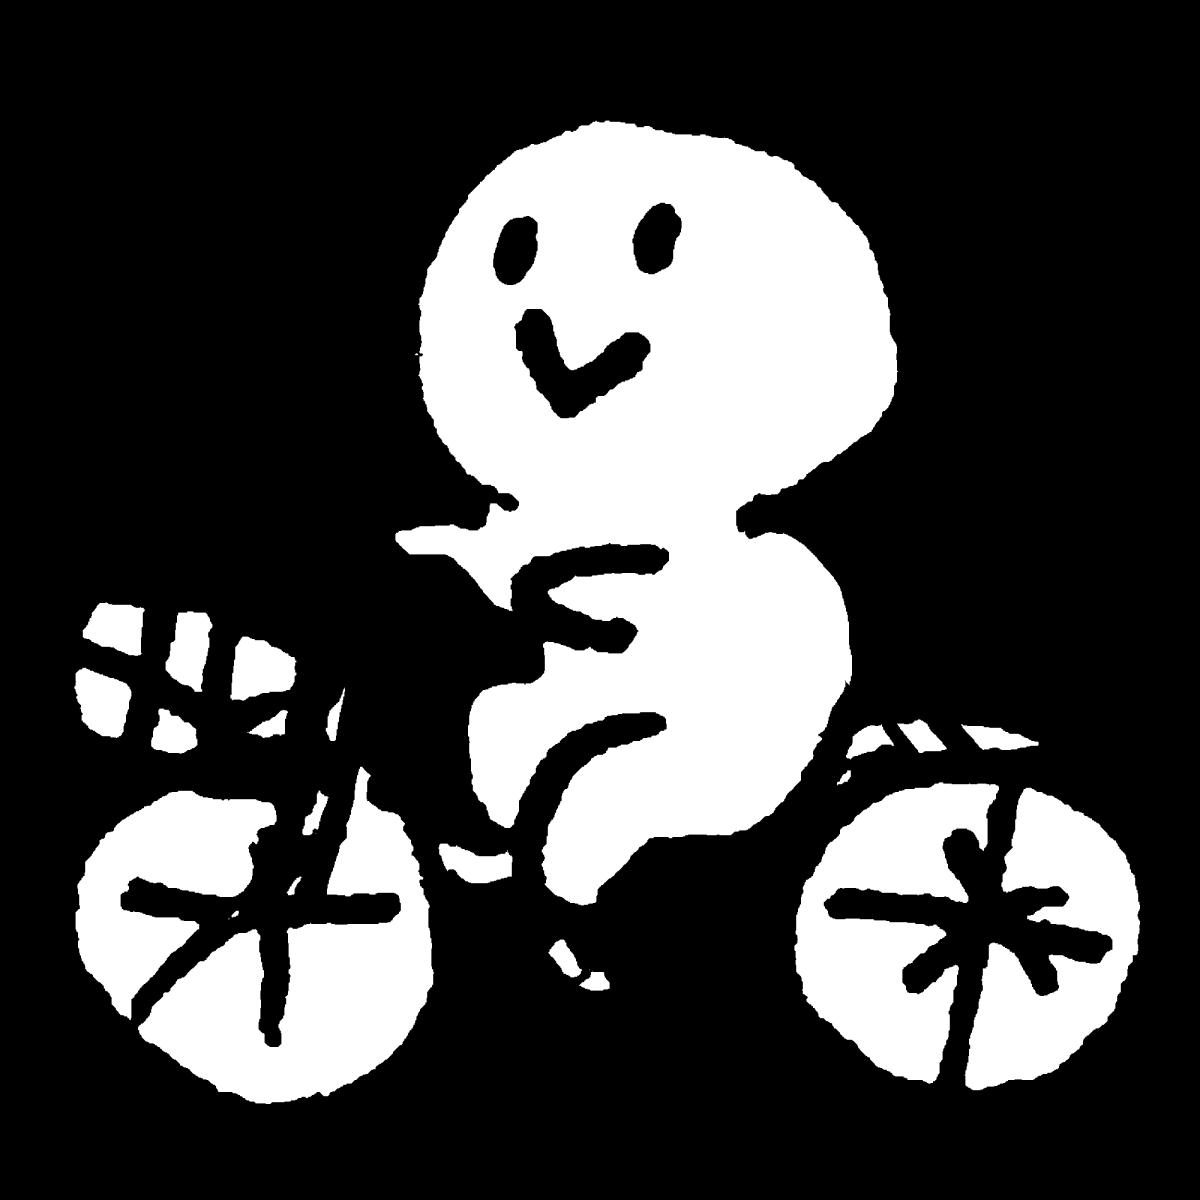 自転車をこぐのイラスト / ride a bicycle Illustration